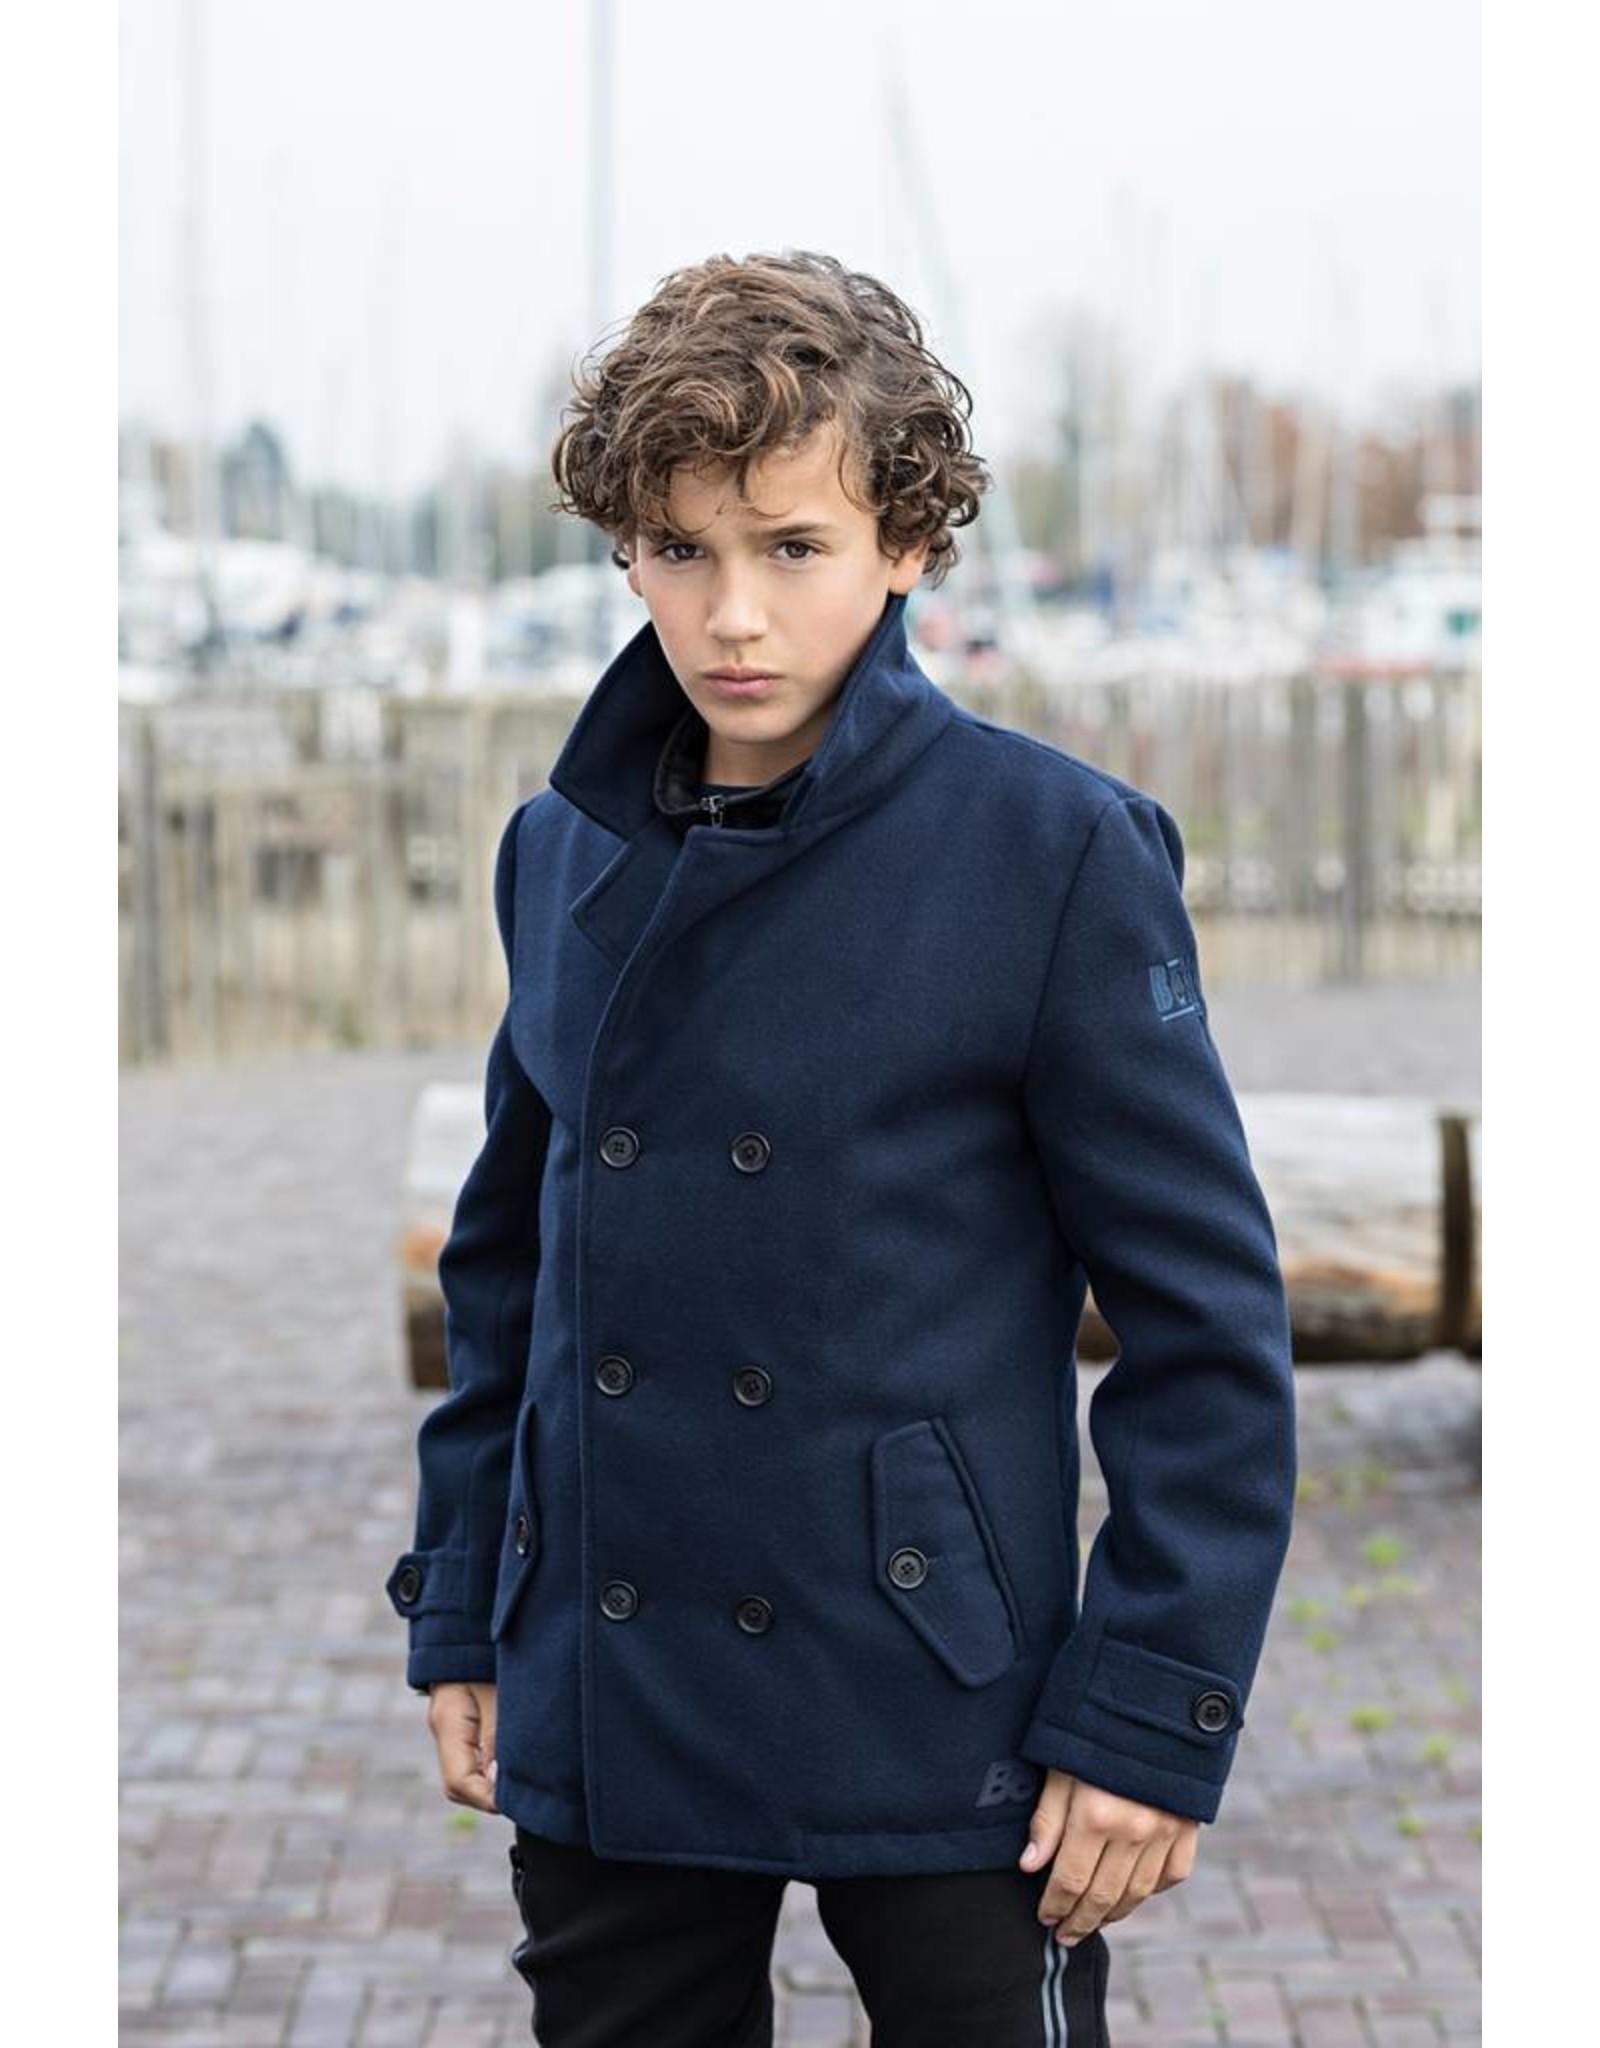 Bellaire Bellaire Buzz Wool Coat Navy Blazer